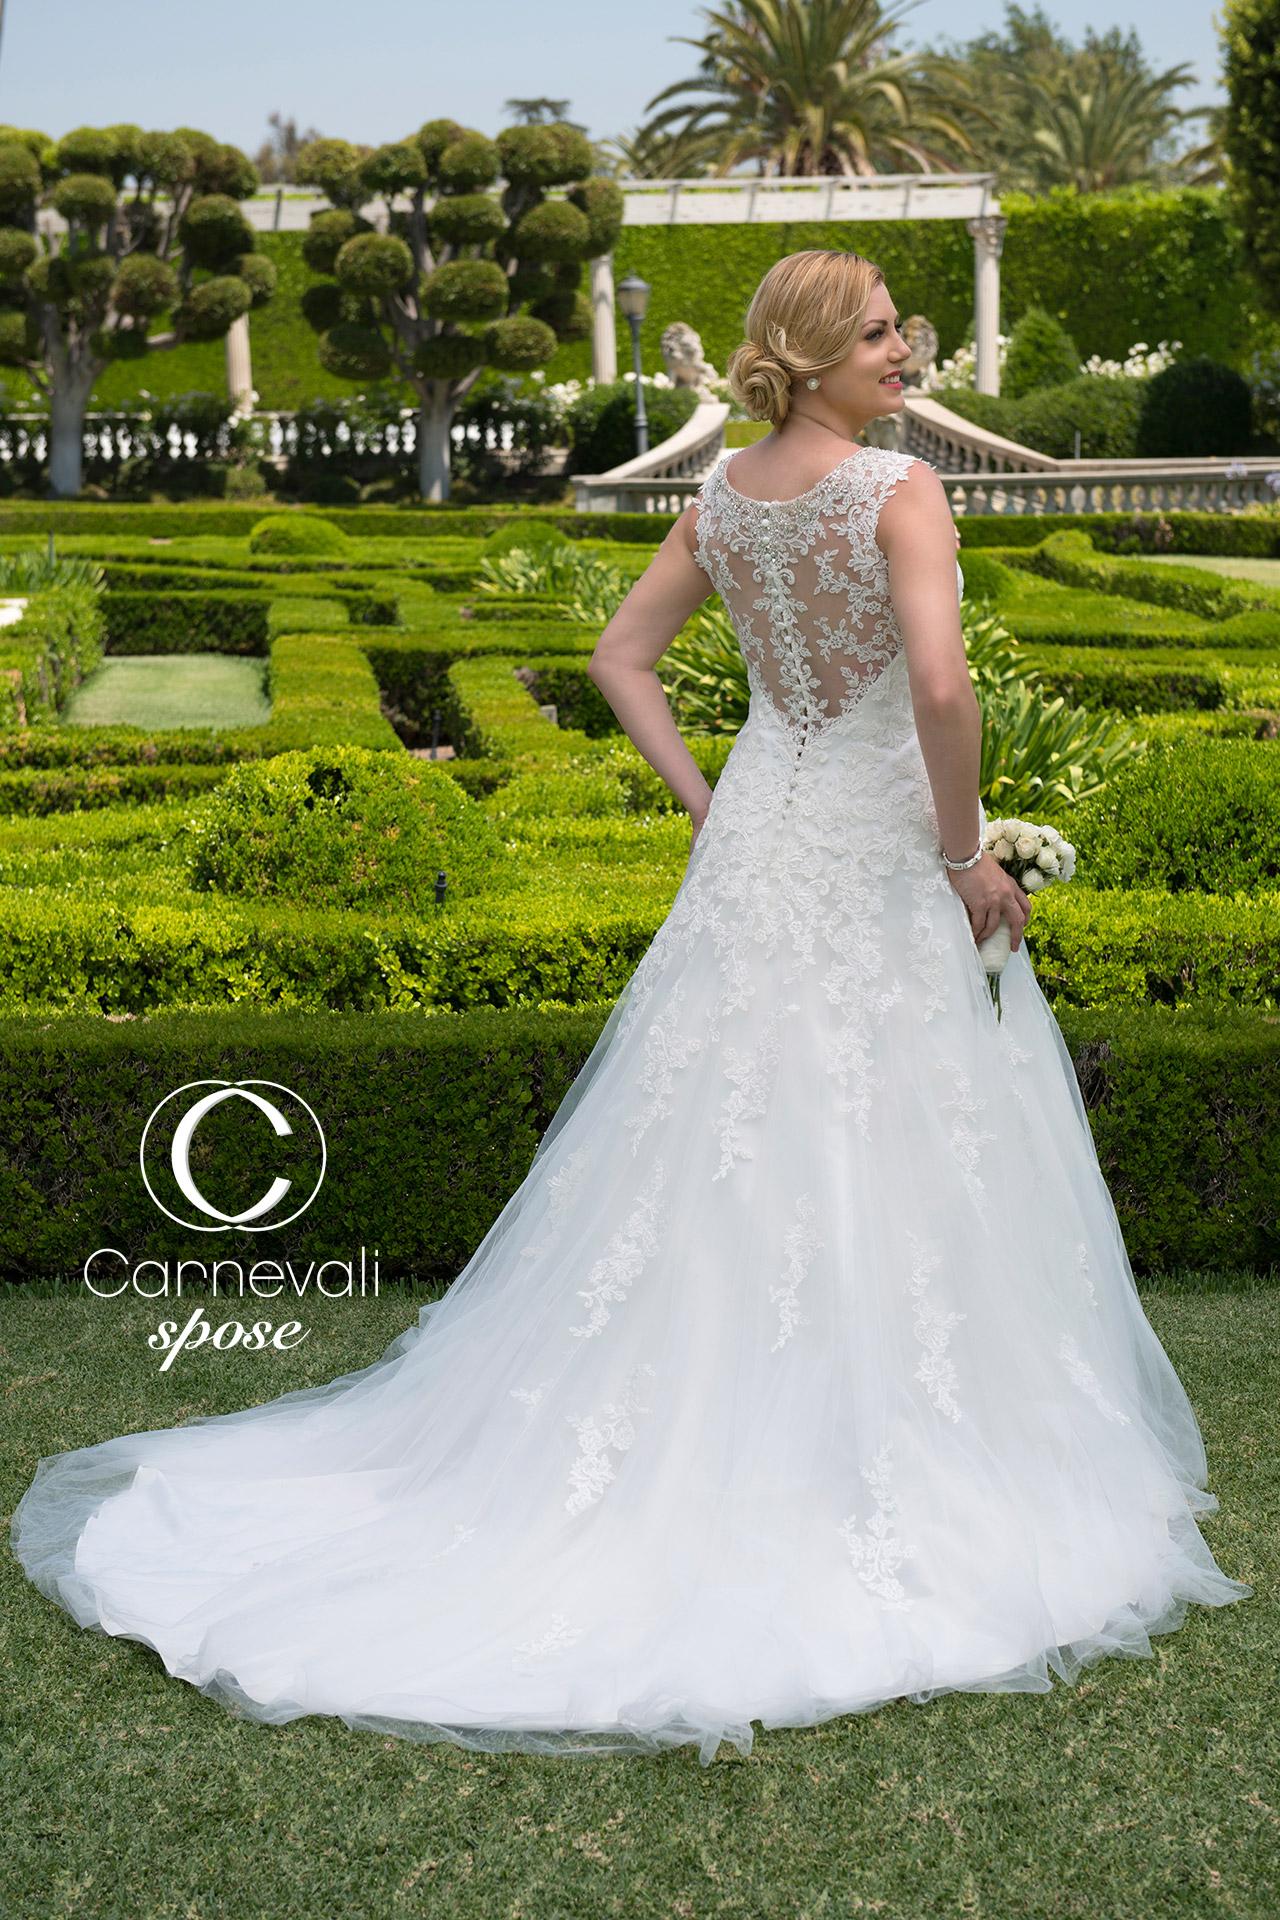 VENUS BRIDAL VW8737 - Carnevali Spose 153102d8502